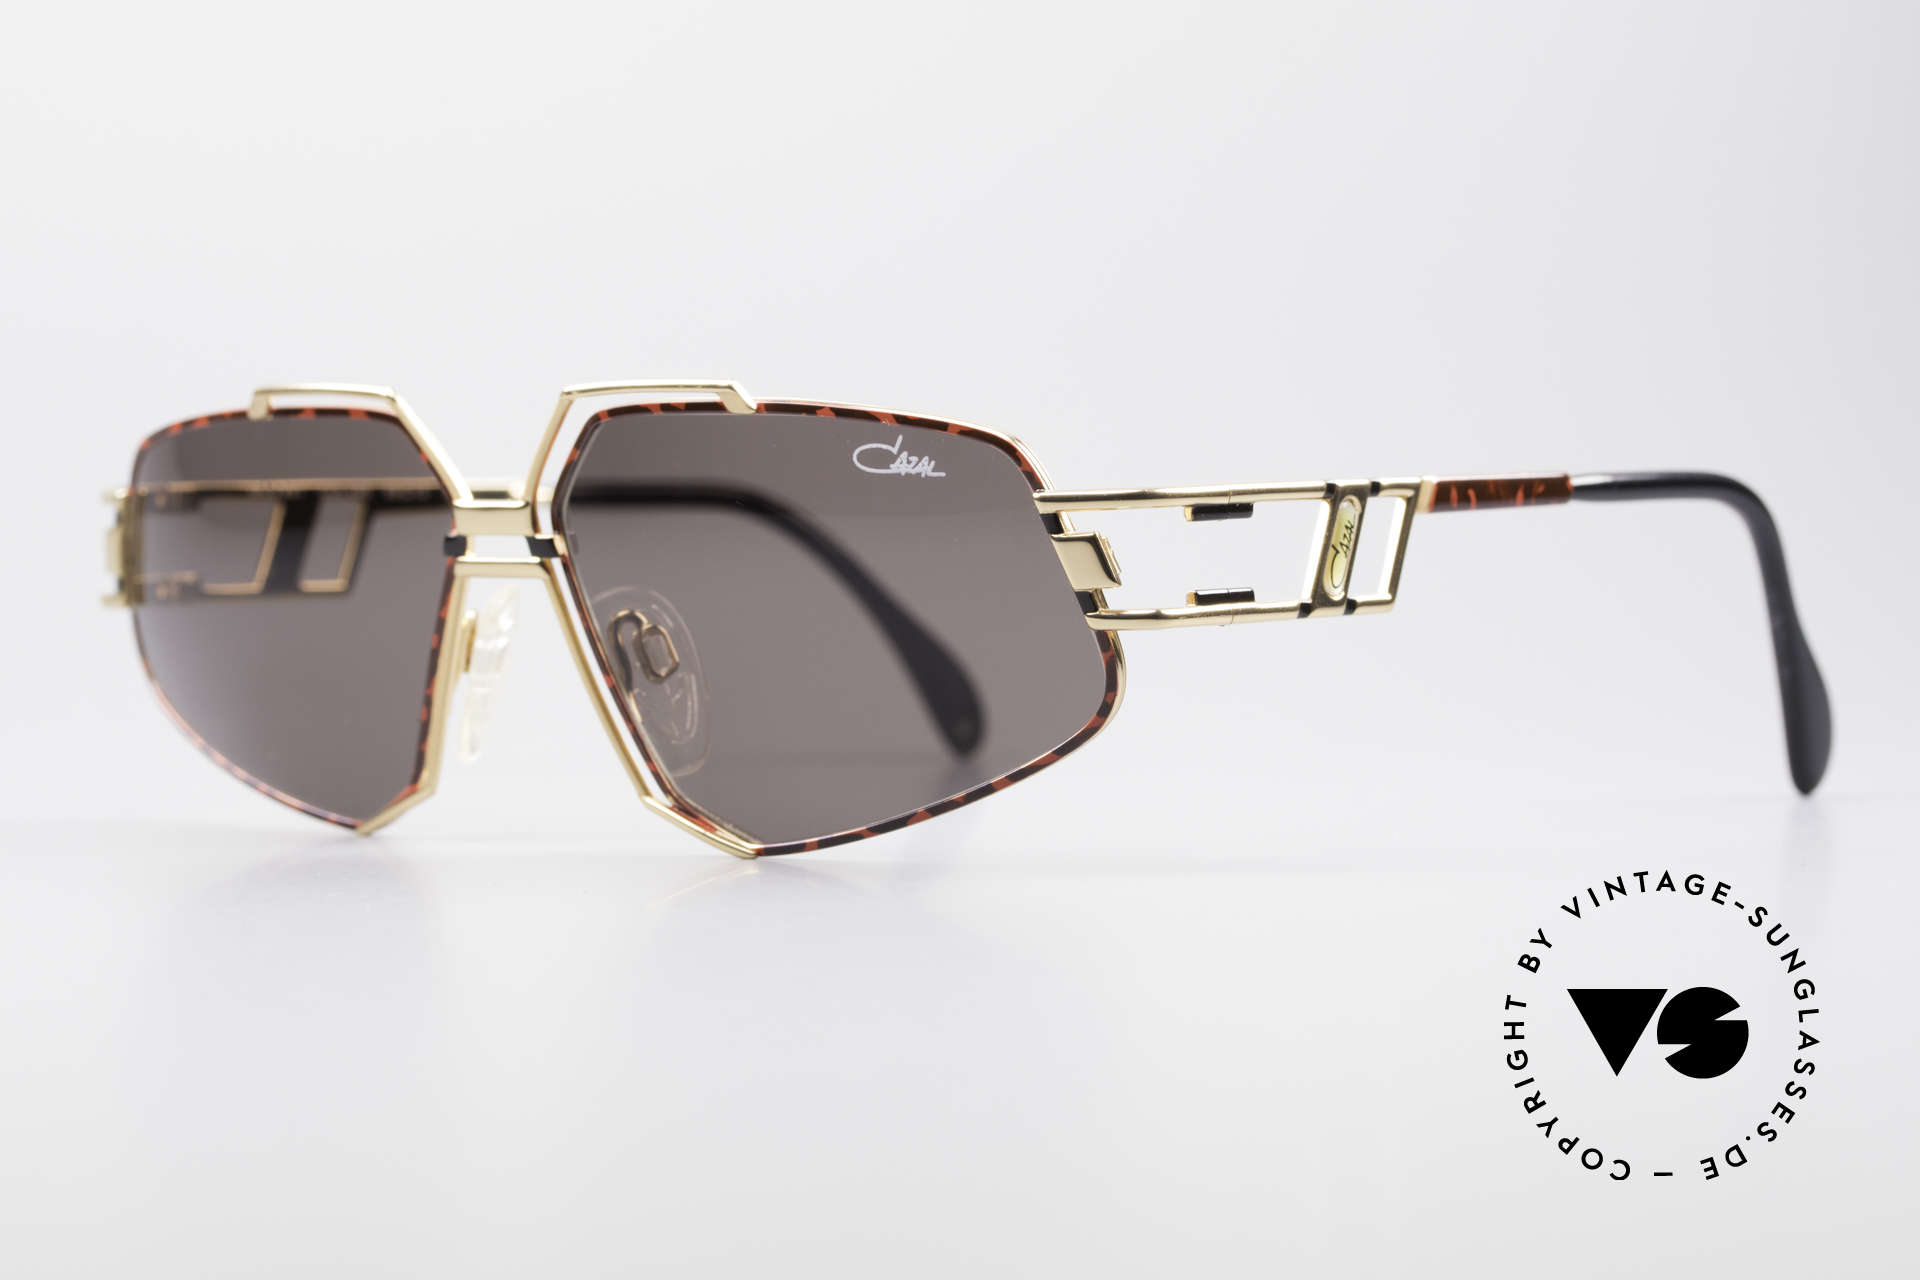 Cazal 961 Designer Vintage Sunglasses, striking & distinctive frame construction; truly vintage, Made for Men and Women